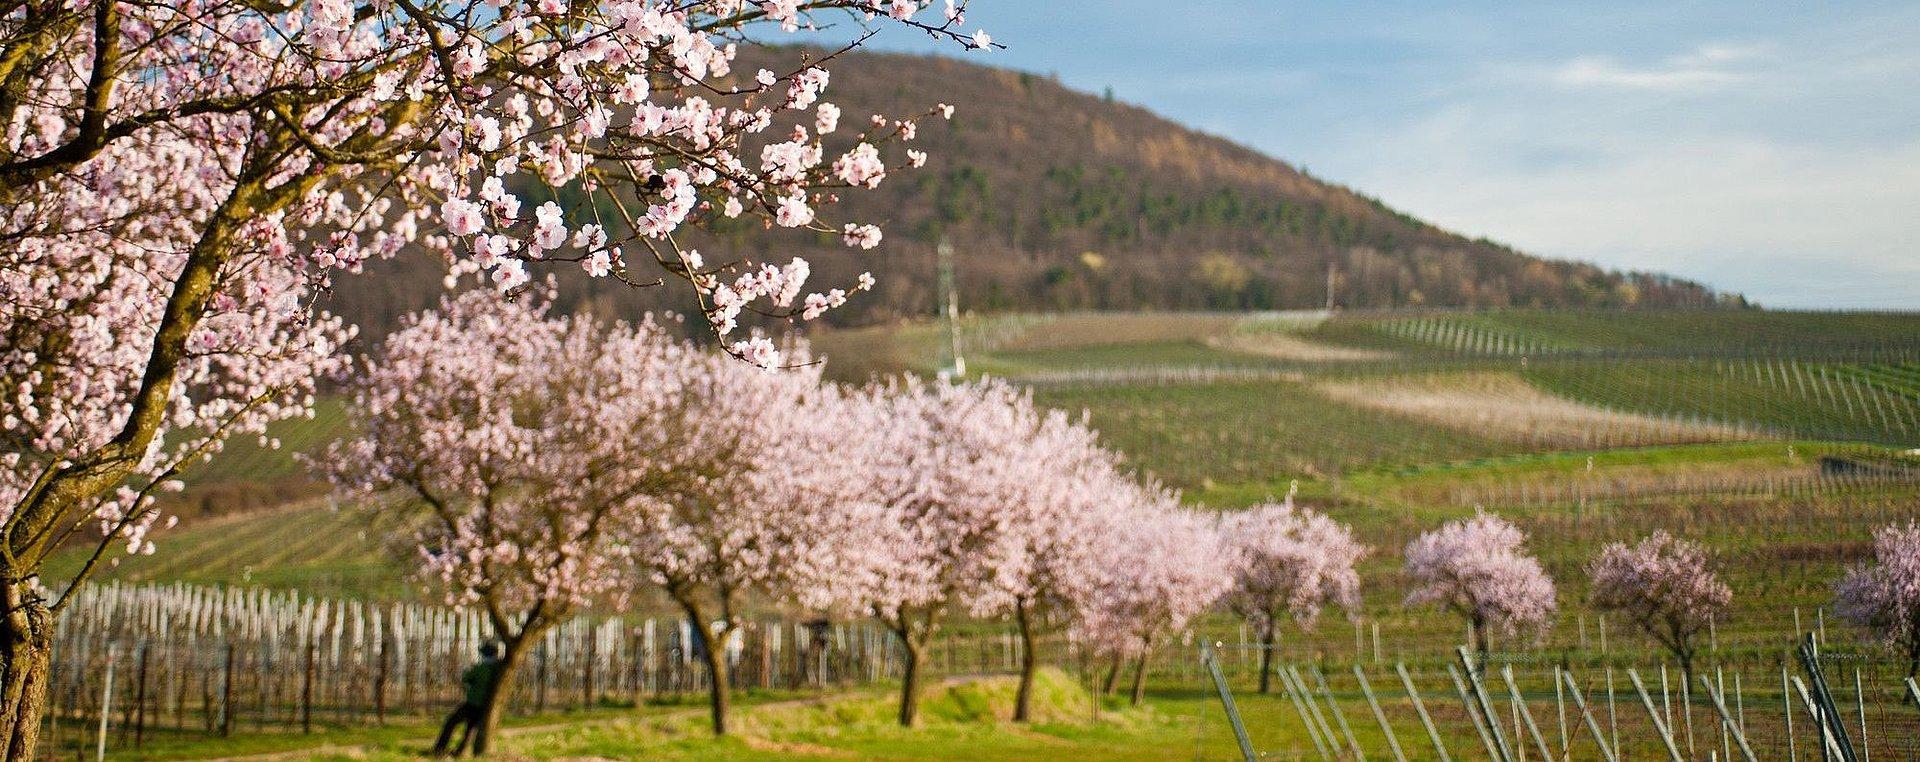 Mandelbäume bei Neustadt an der Weinstraße, Pfalz